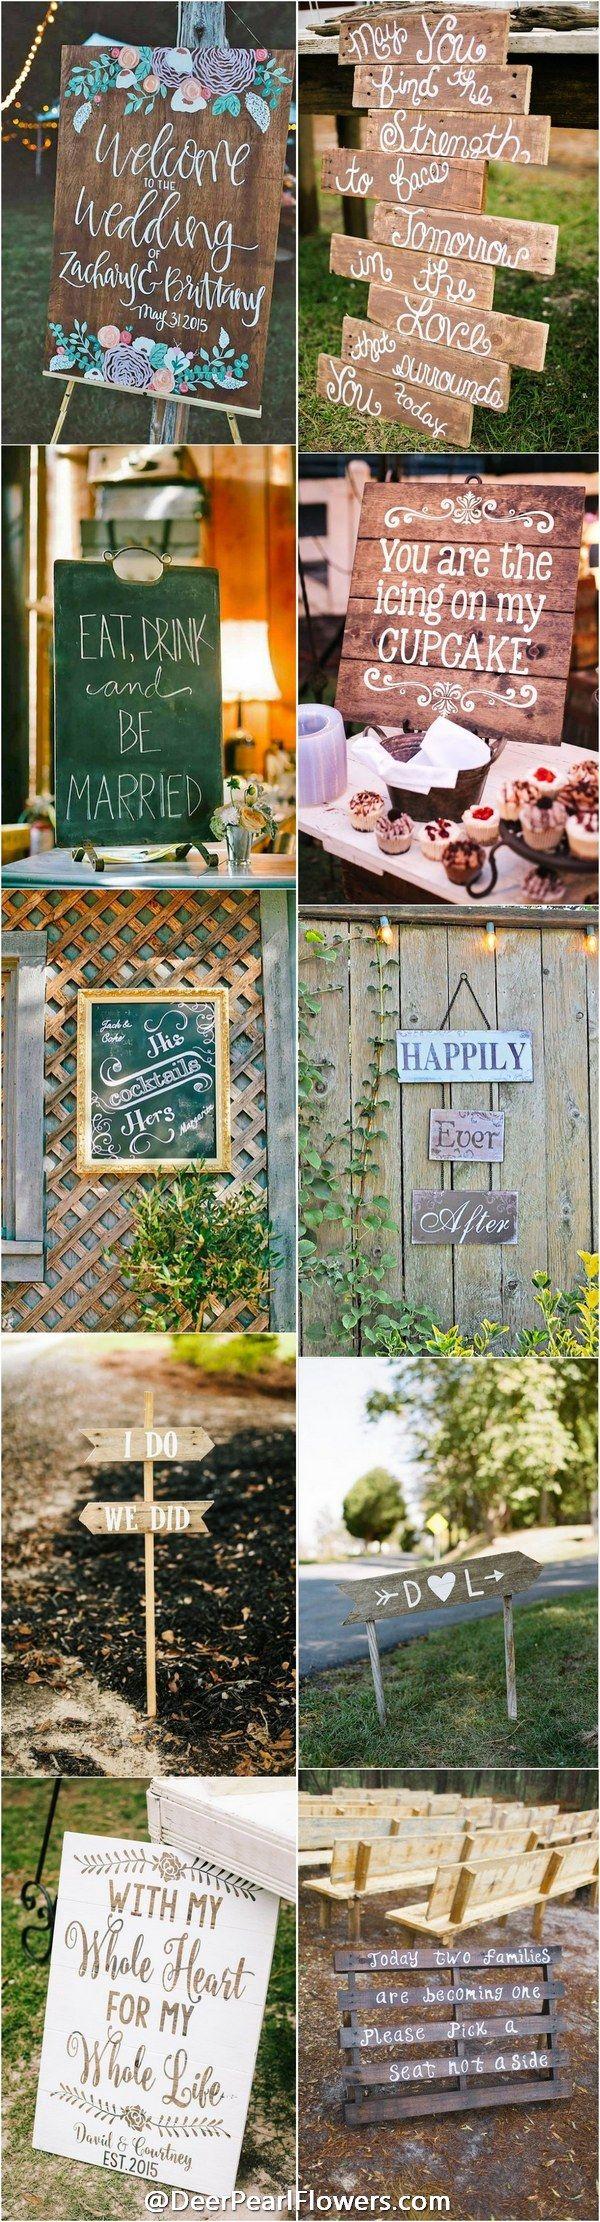 30 Rustic Wedding Signs U0026 Ideas For Weddings